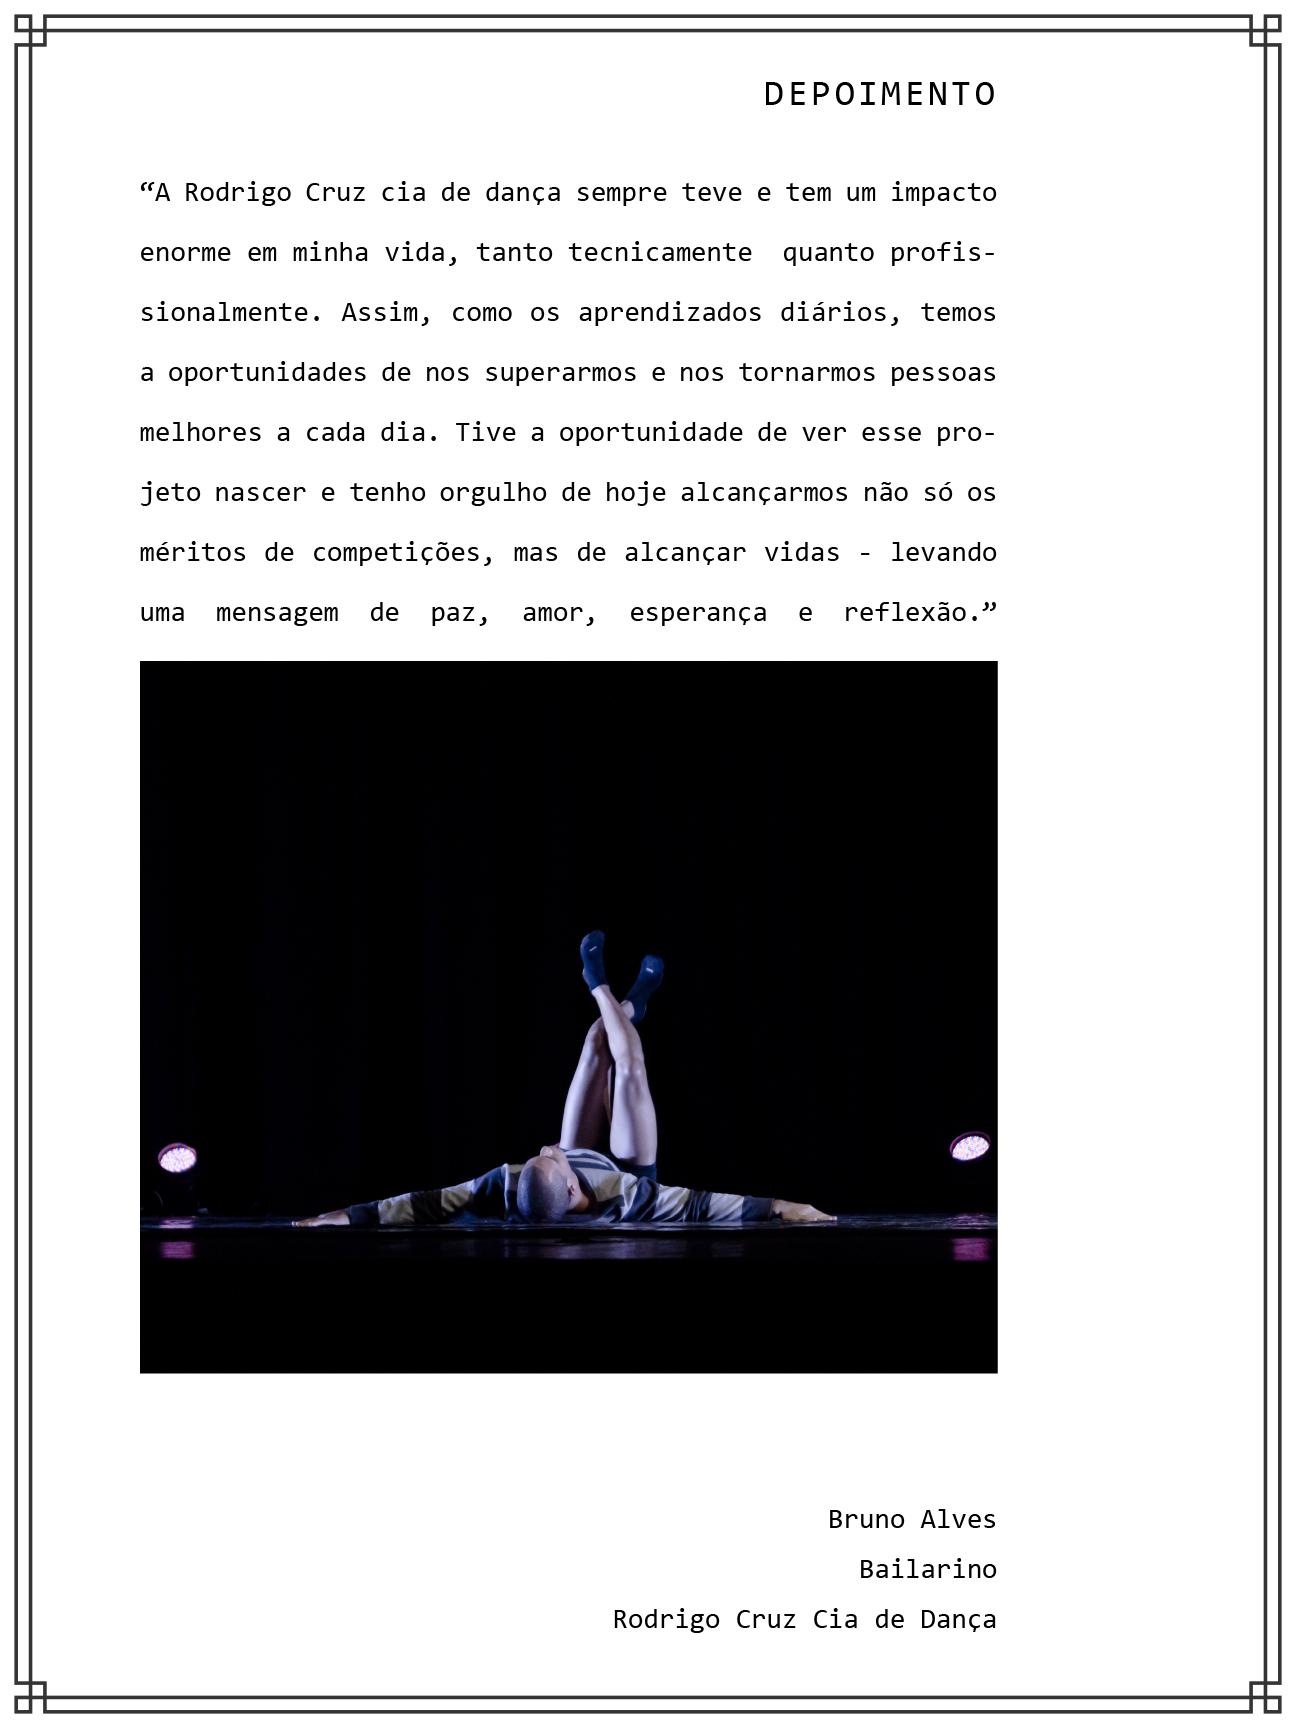 Relatório de Impacto Sociocultural - Projeto Integralidade / Rodrigo Cruz Cia de Dança